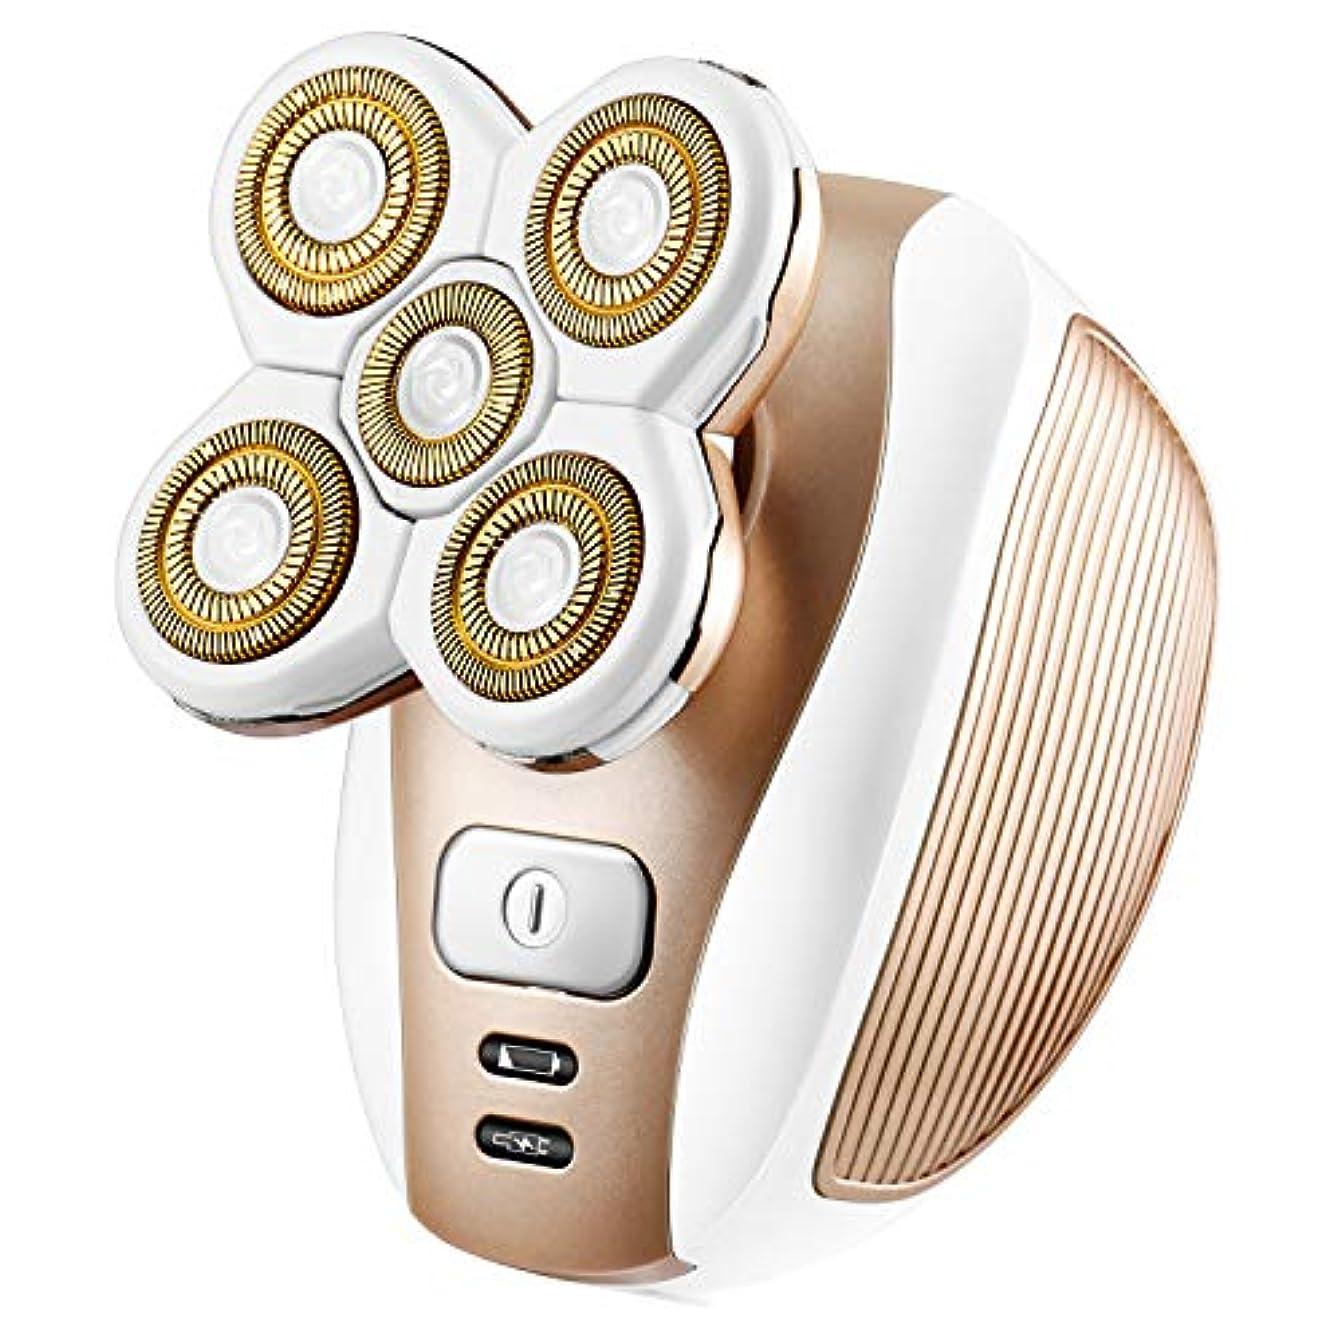 記録変数見積りMagicfly レディースシェーバー(女性用 電気脱毛器) USB充電式 携帯用 防水 ゴルード